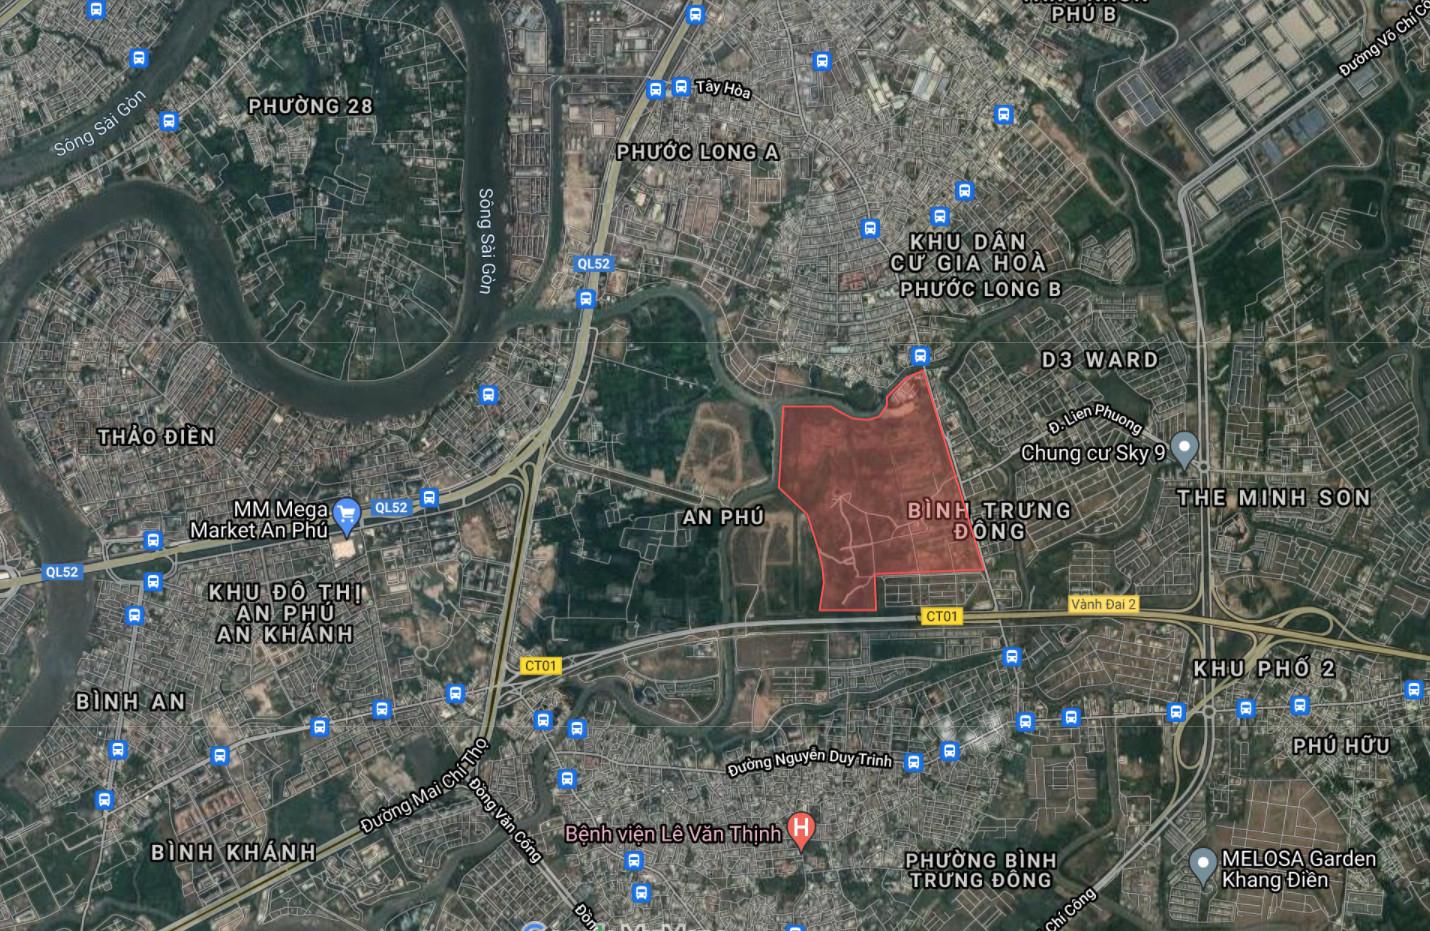 Dự án Sài Gòn Bình An: Tồn tại hàng loạt sai phạm ảnh 1